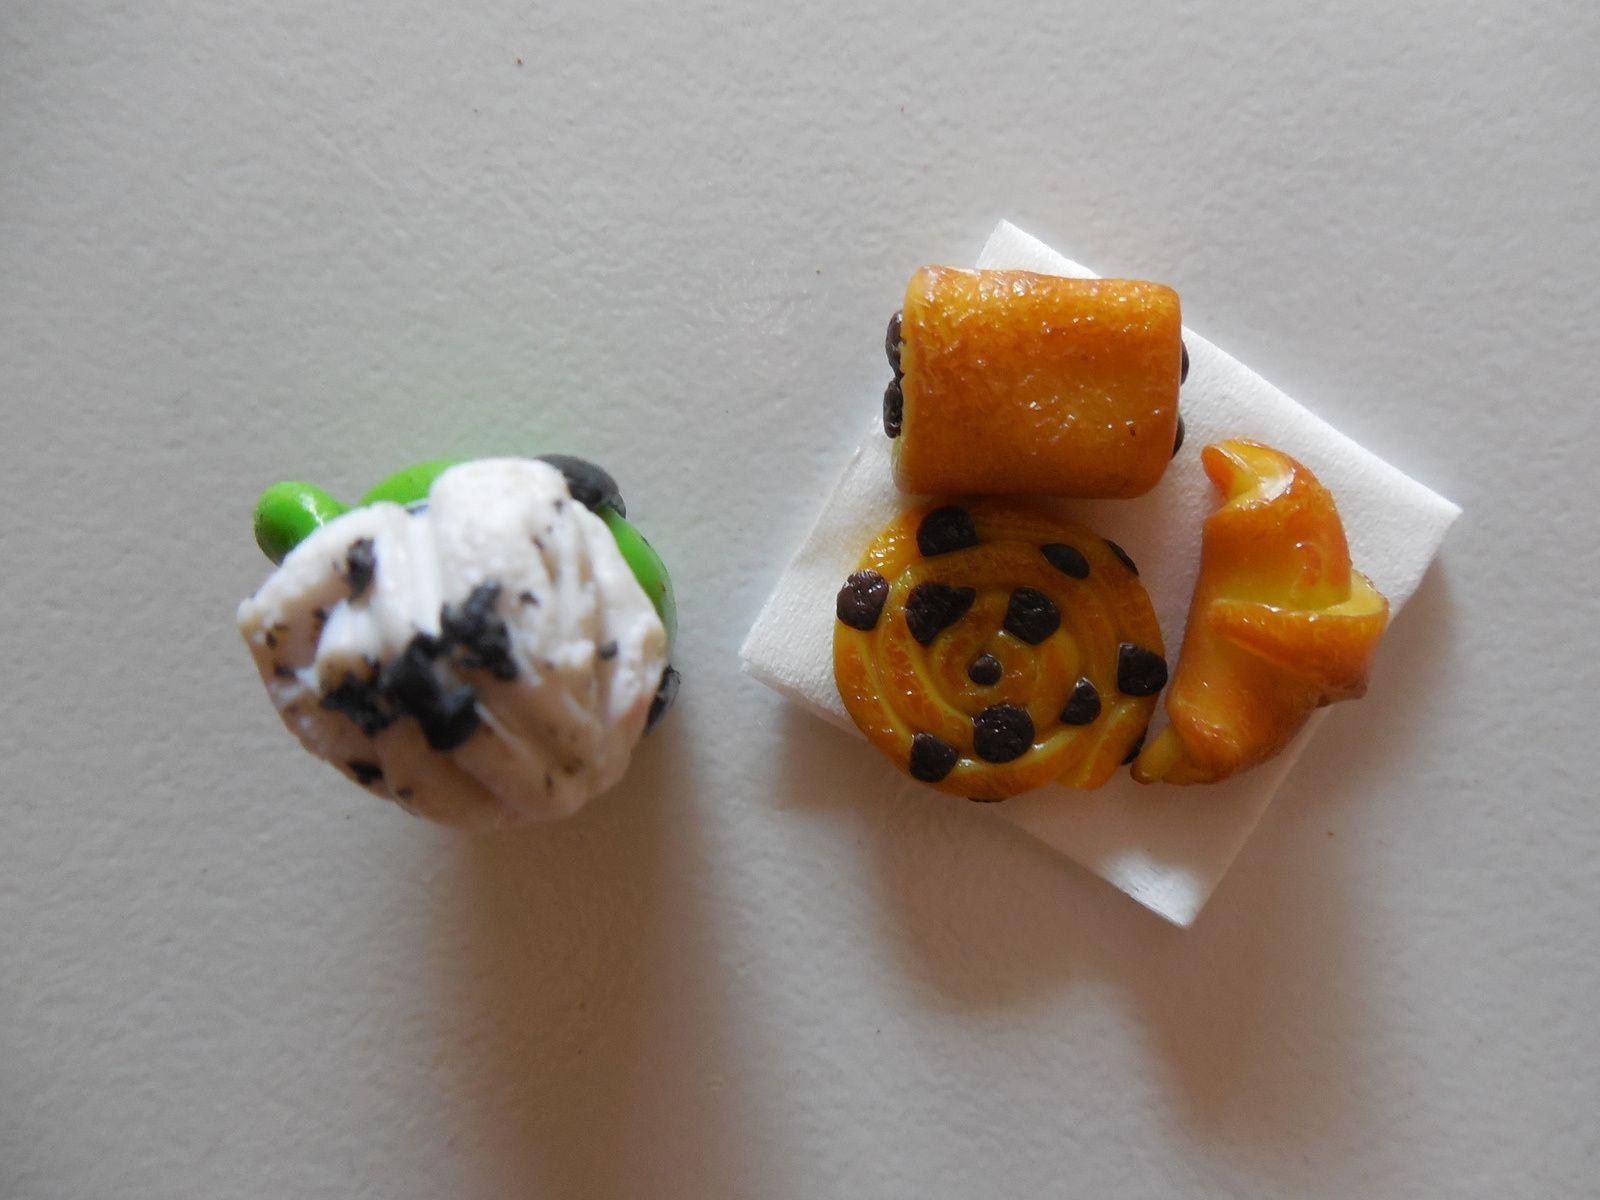 Réalisé avec de la pâte fimo jaune, verte, noir, blanche, et chocolat. Pastels secs ocre, chocolat, marron clair.